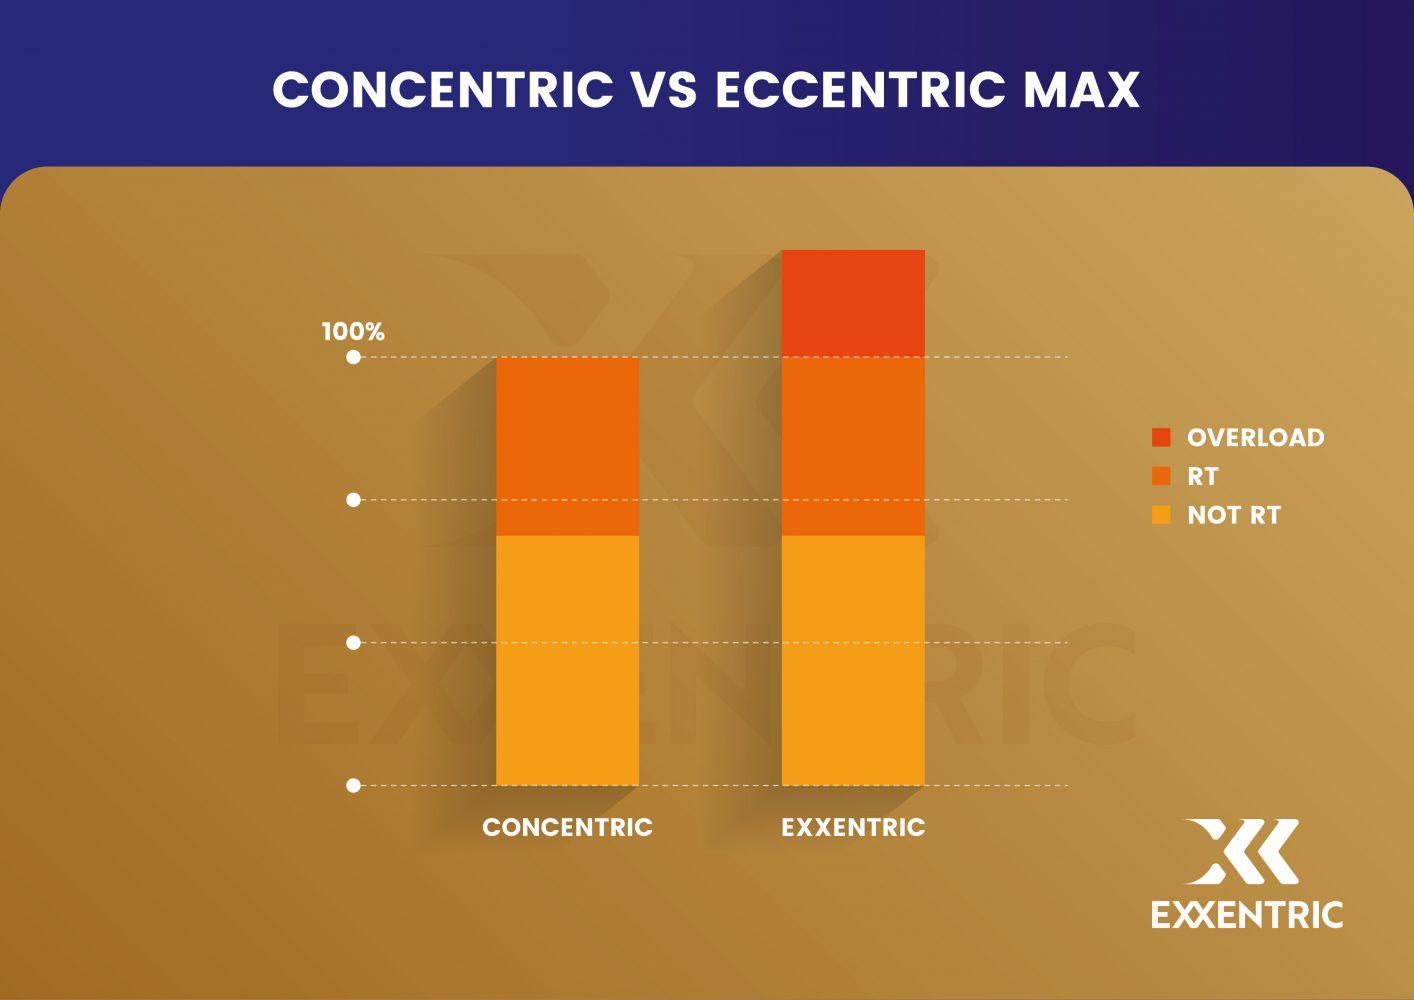 Concentric vs Eccentric Max